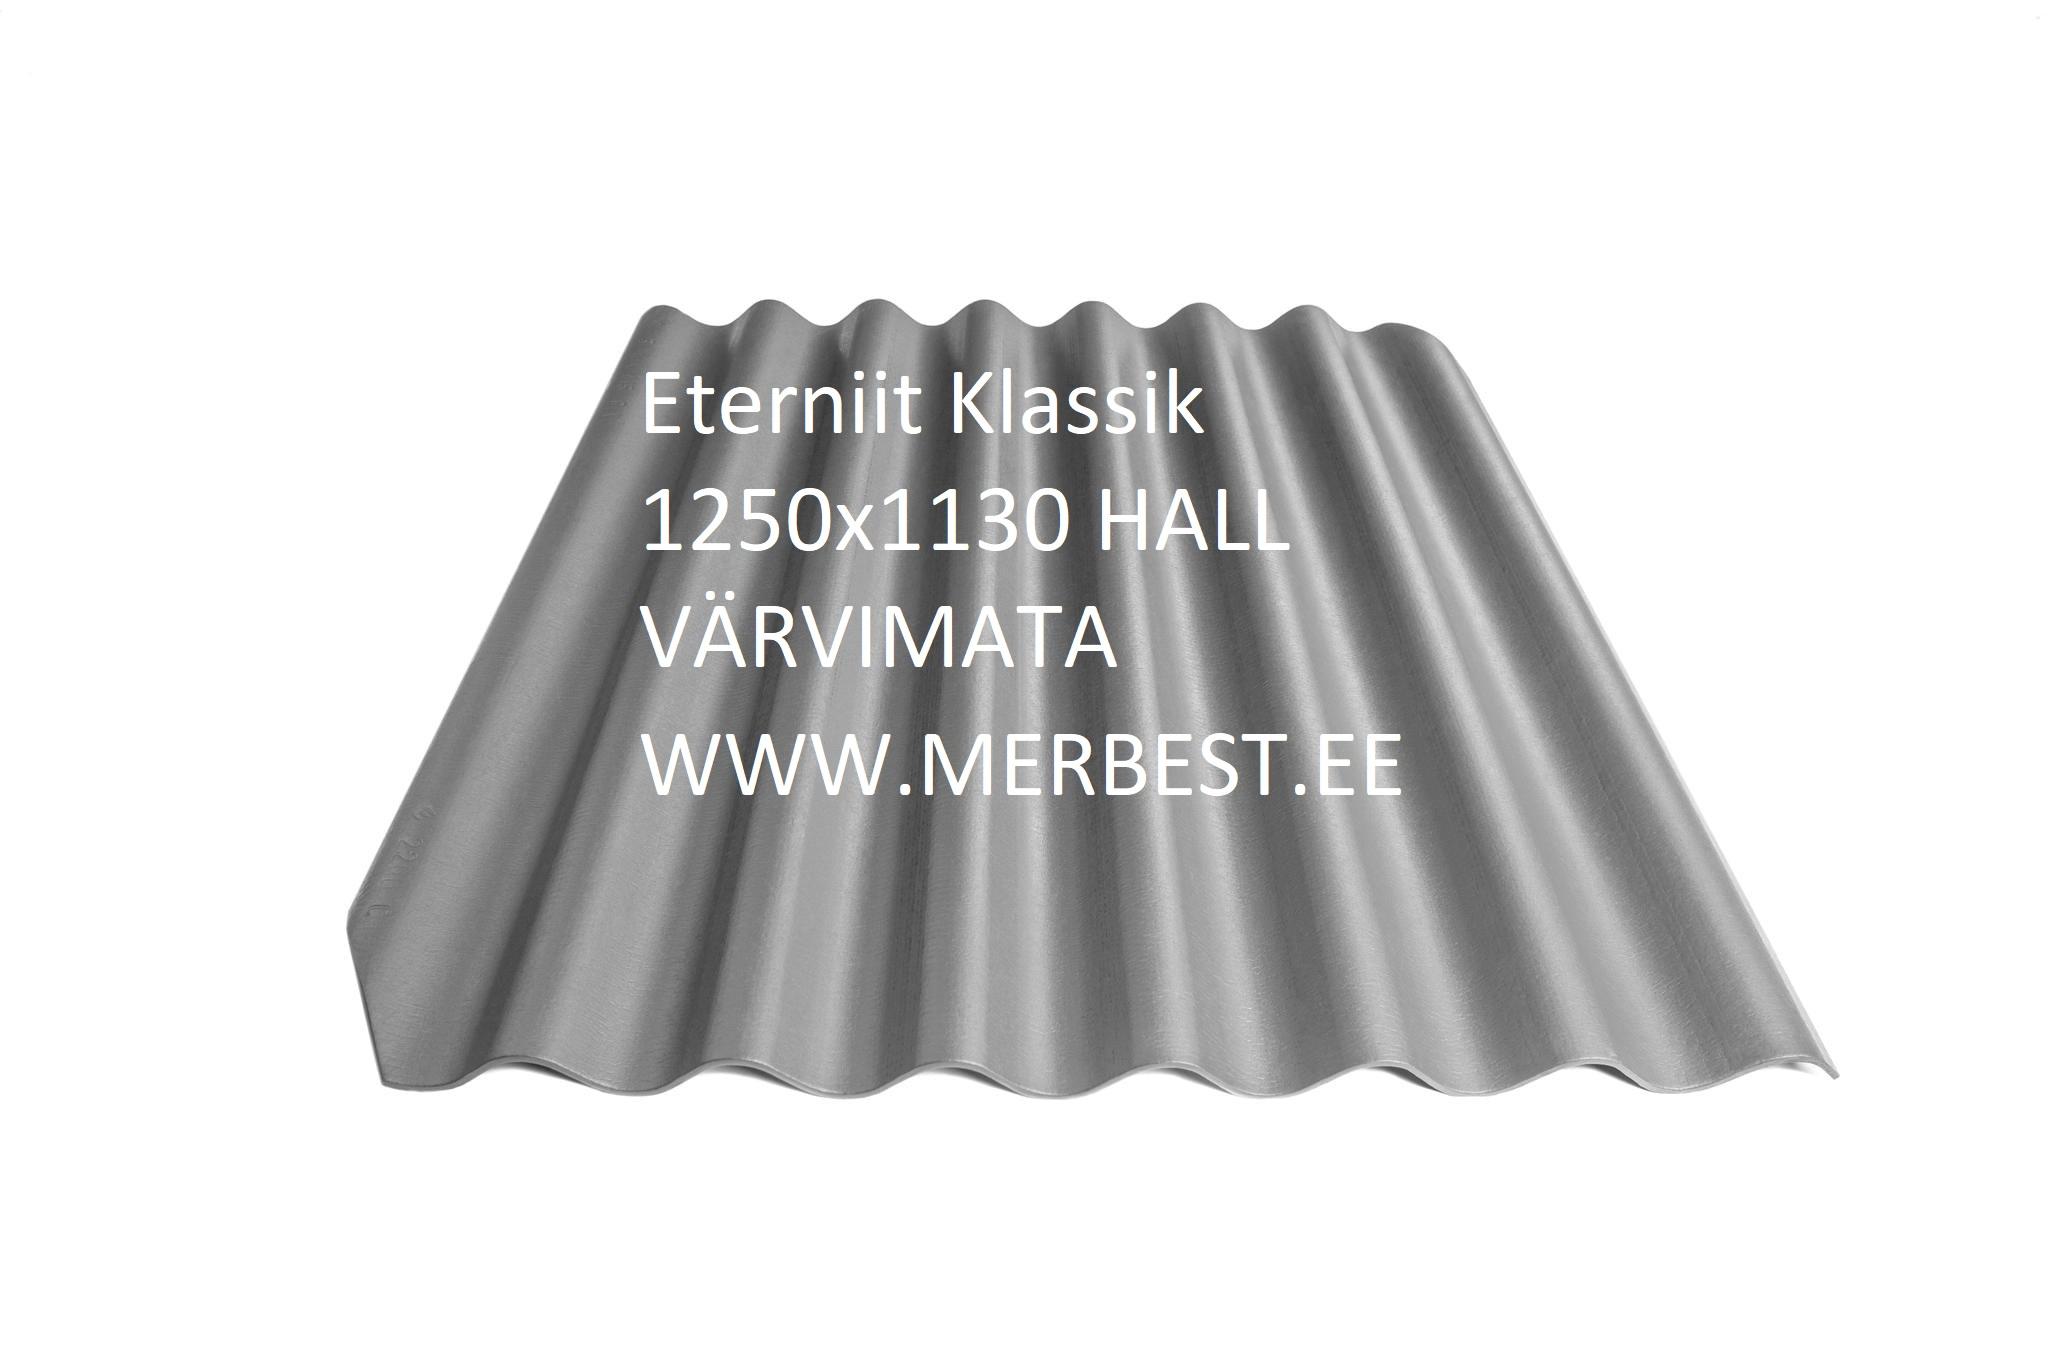 Eterniit Klassik 1250x1130, eterniidi müük, eterniitkatus